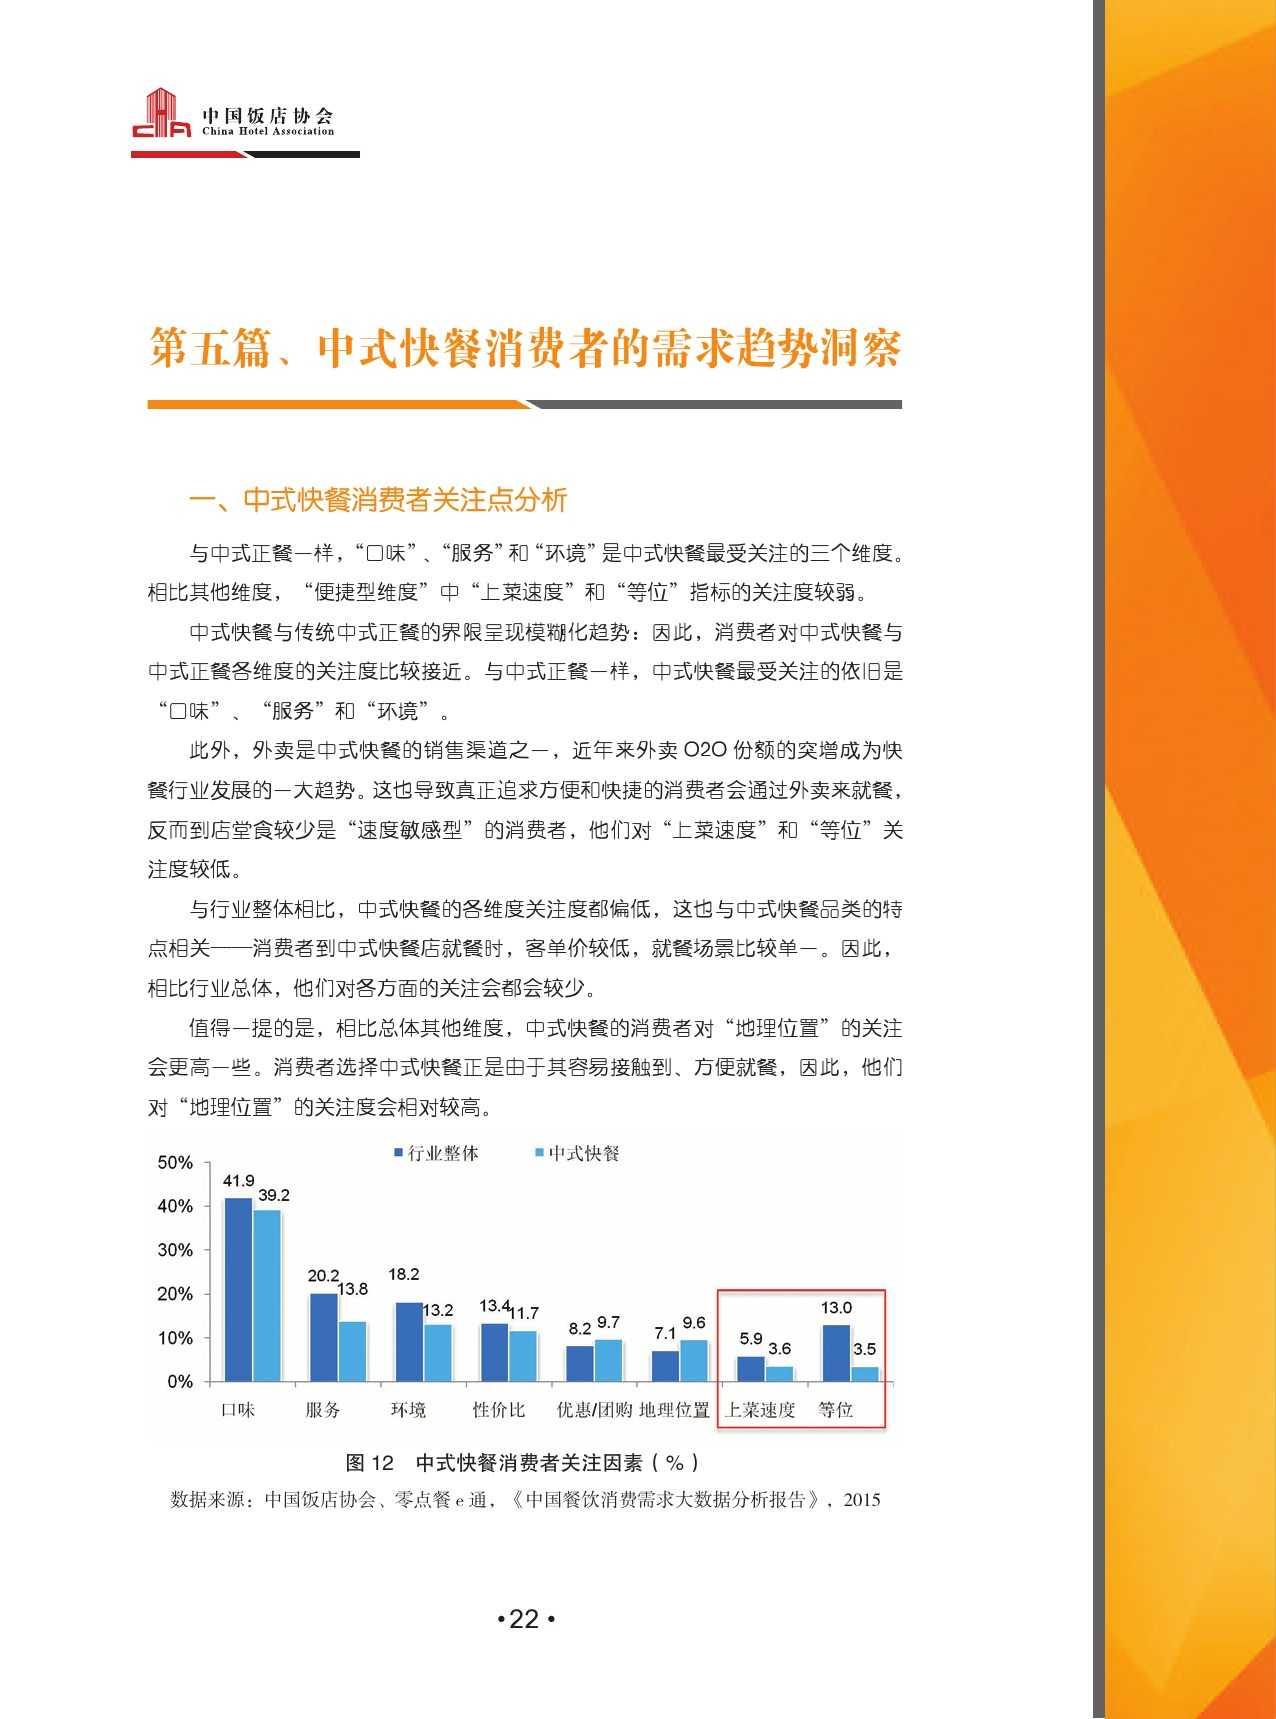 2015中国餐饮消费需求大数据分析报告_000024